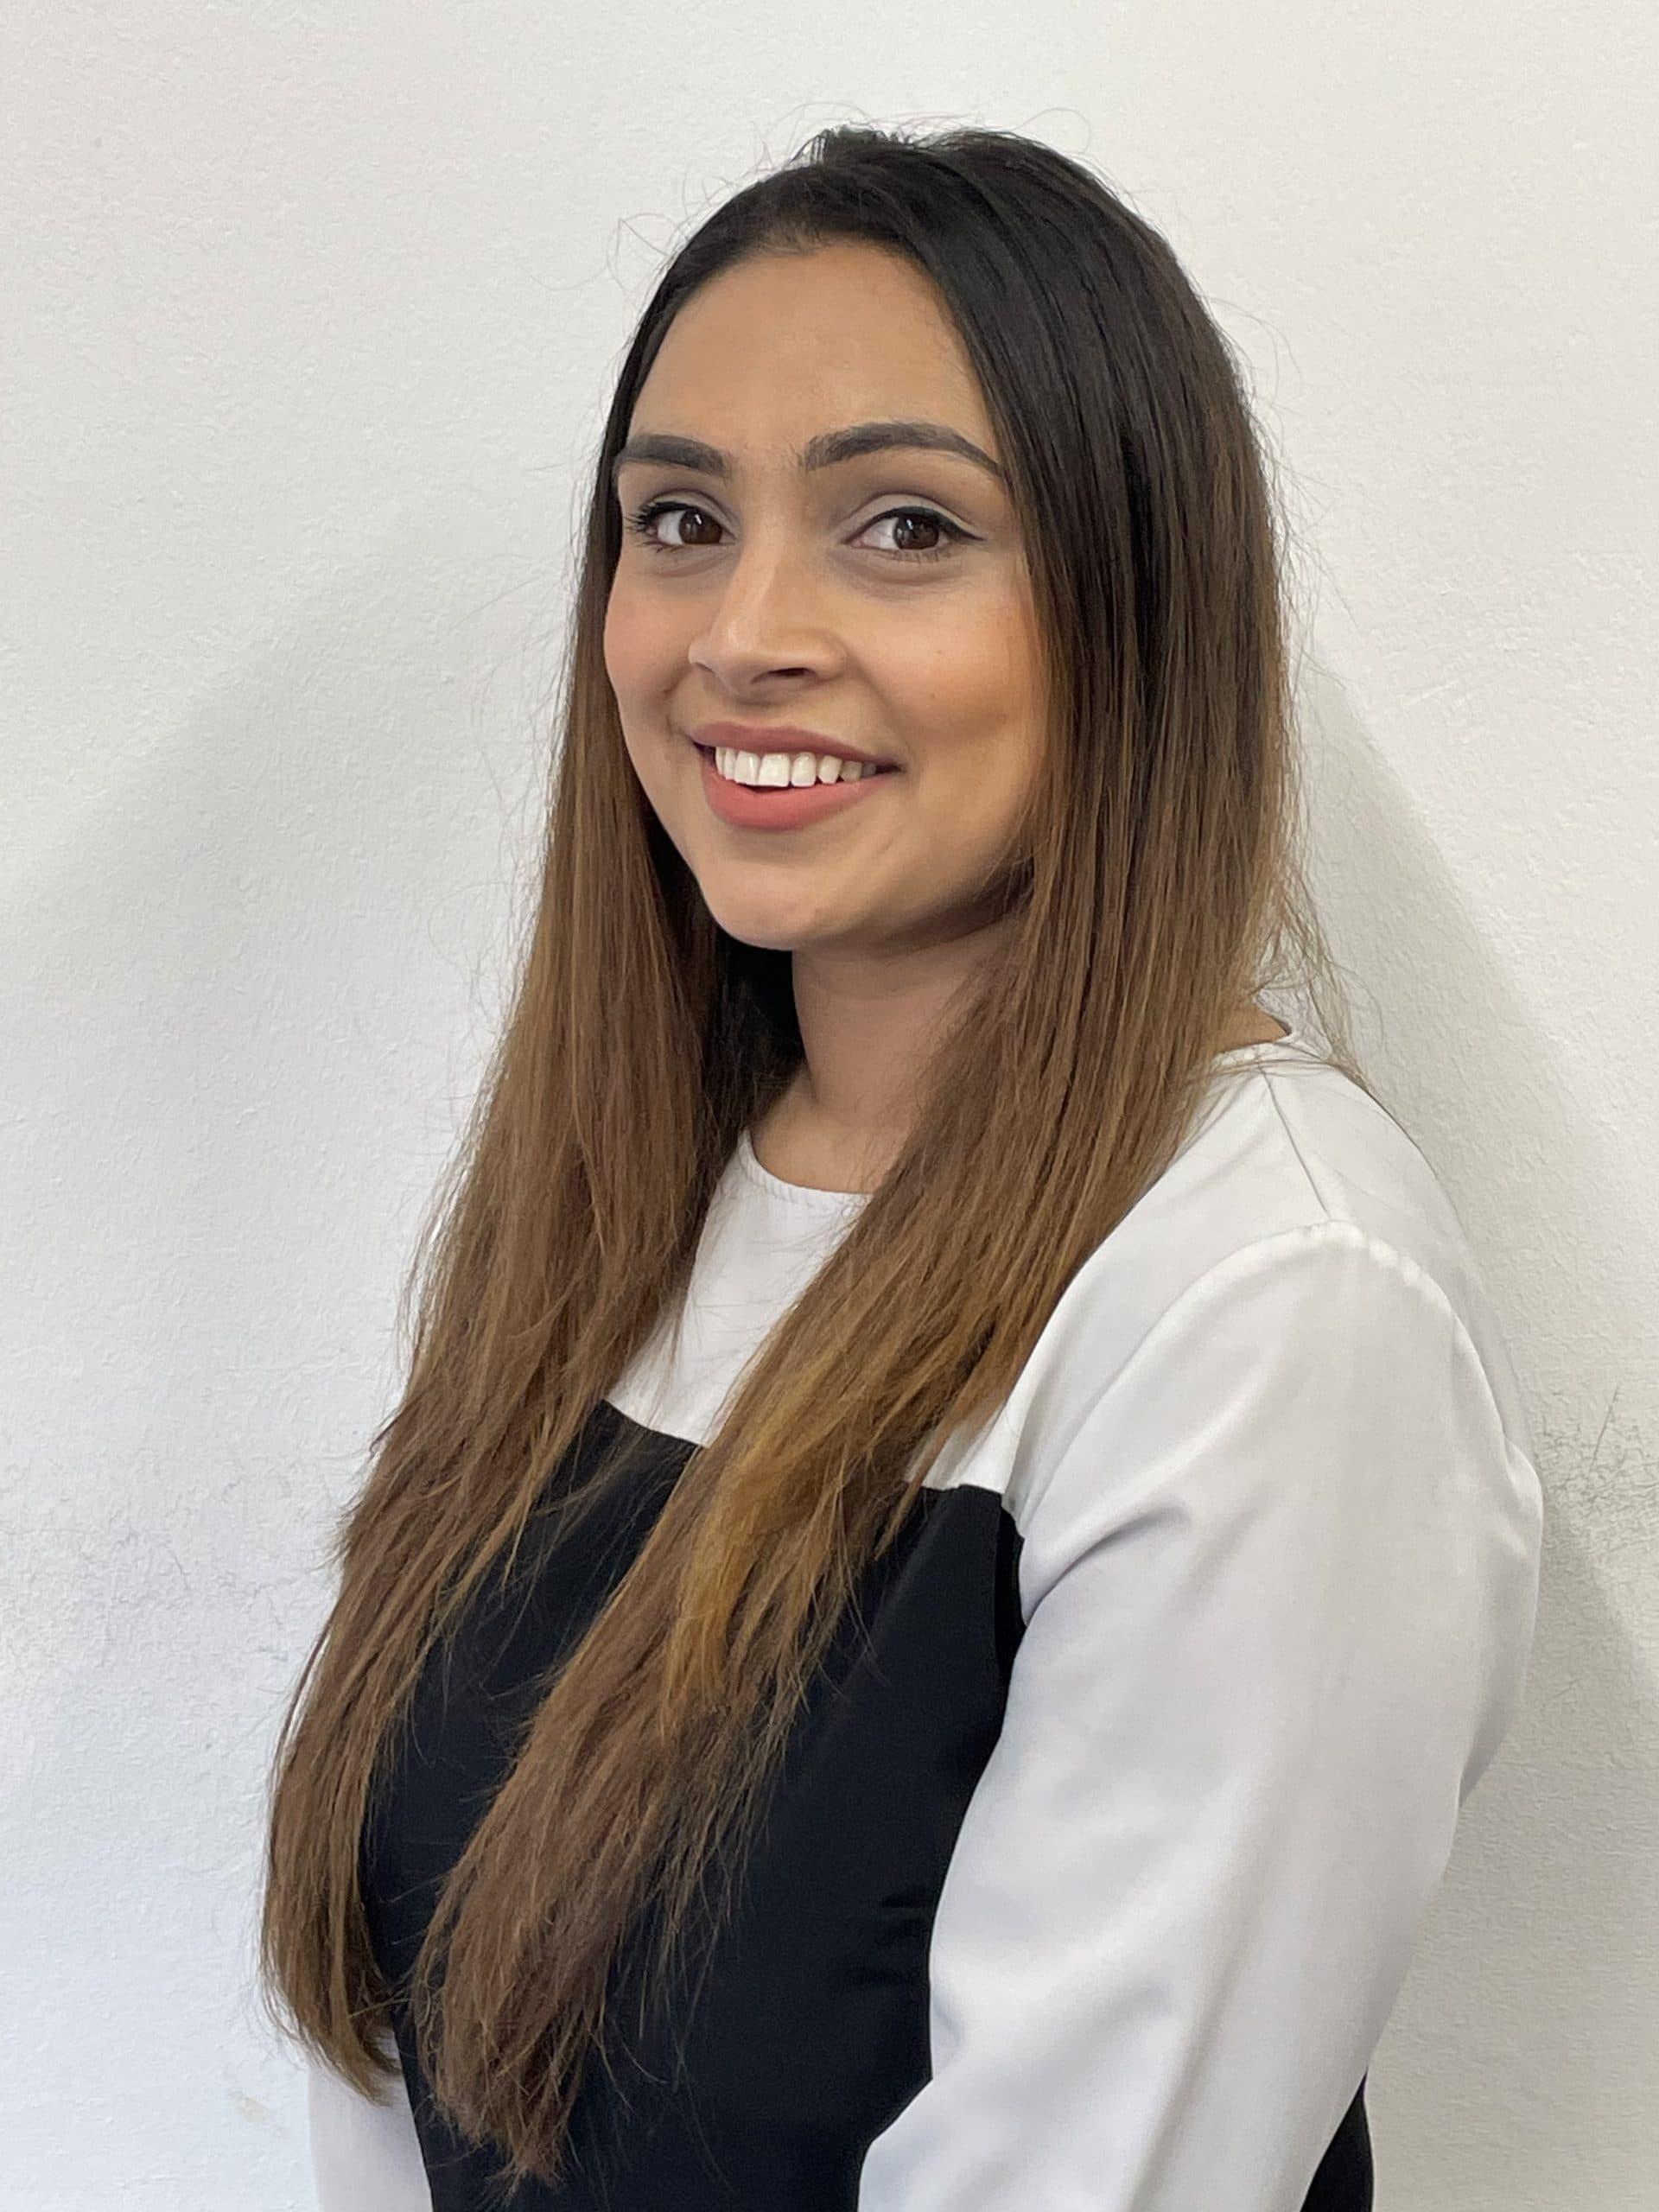 Beenita Patel